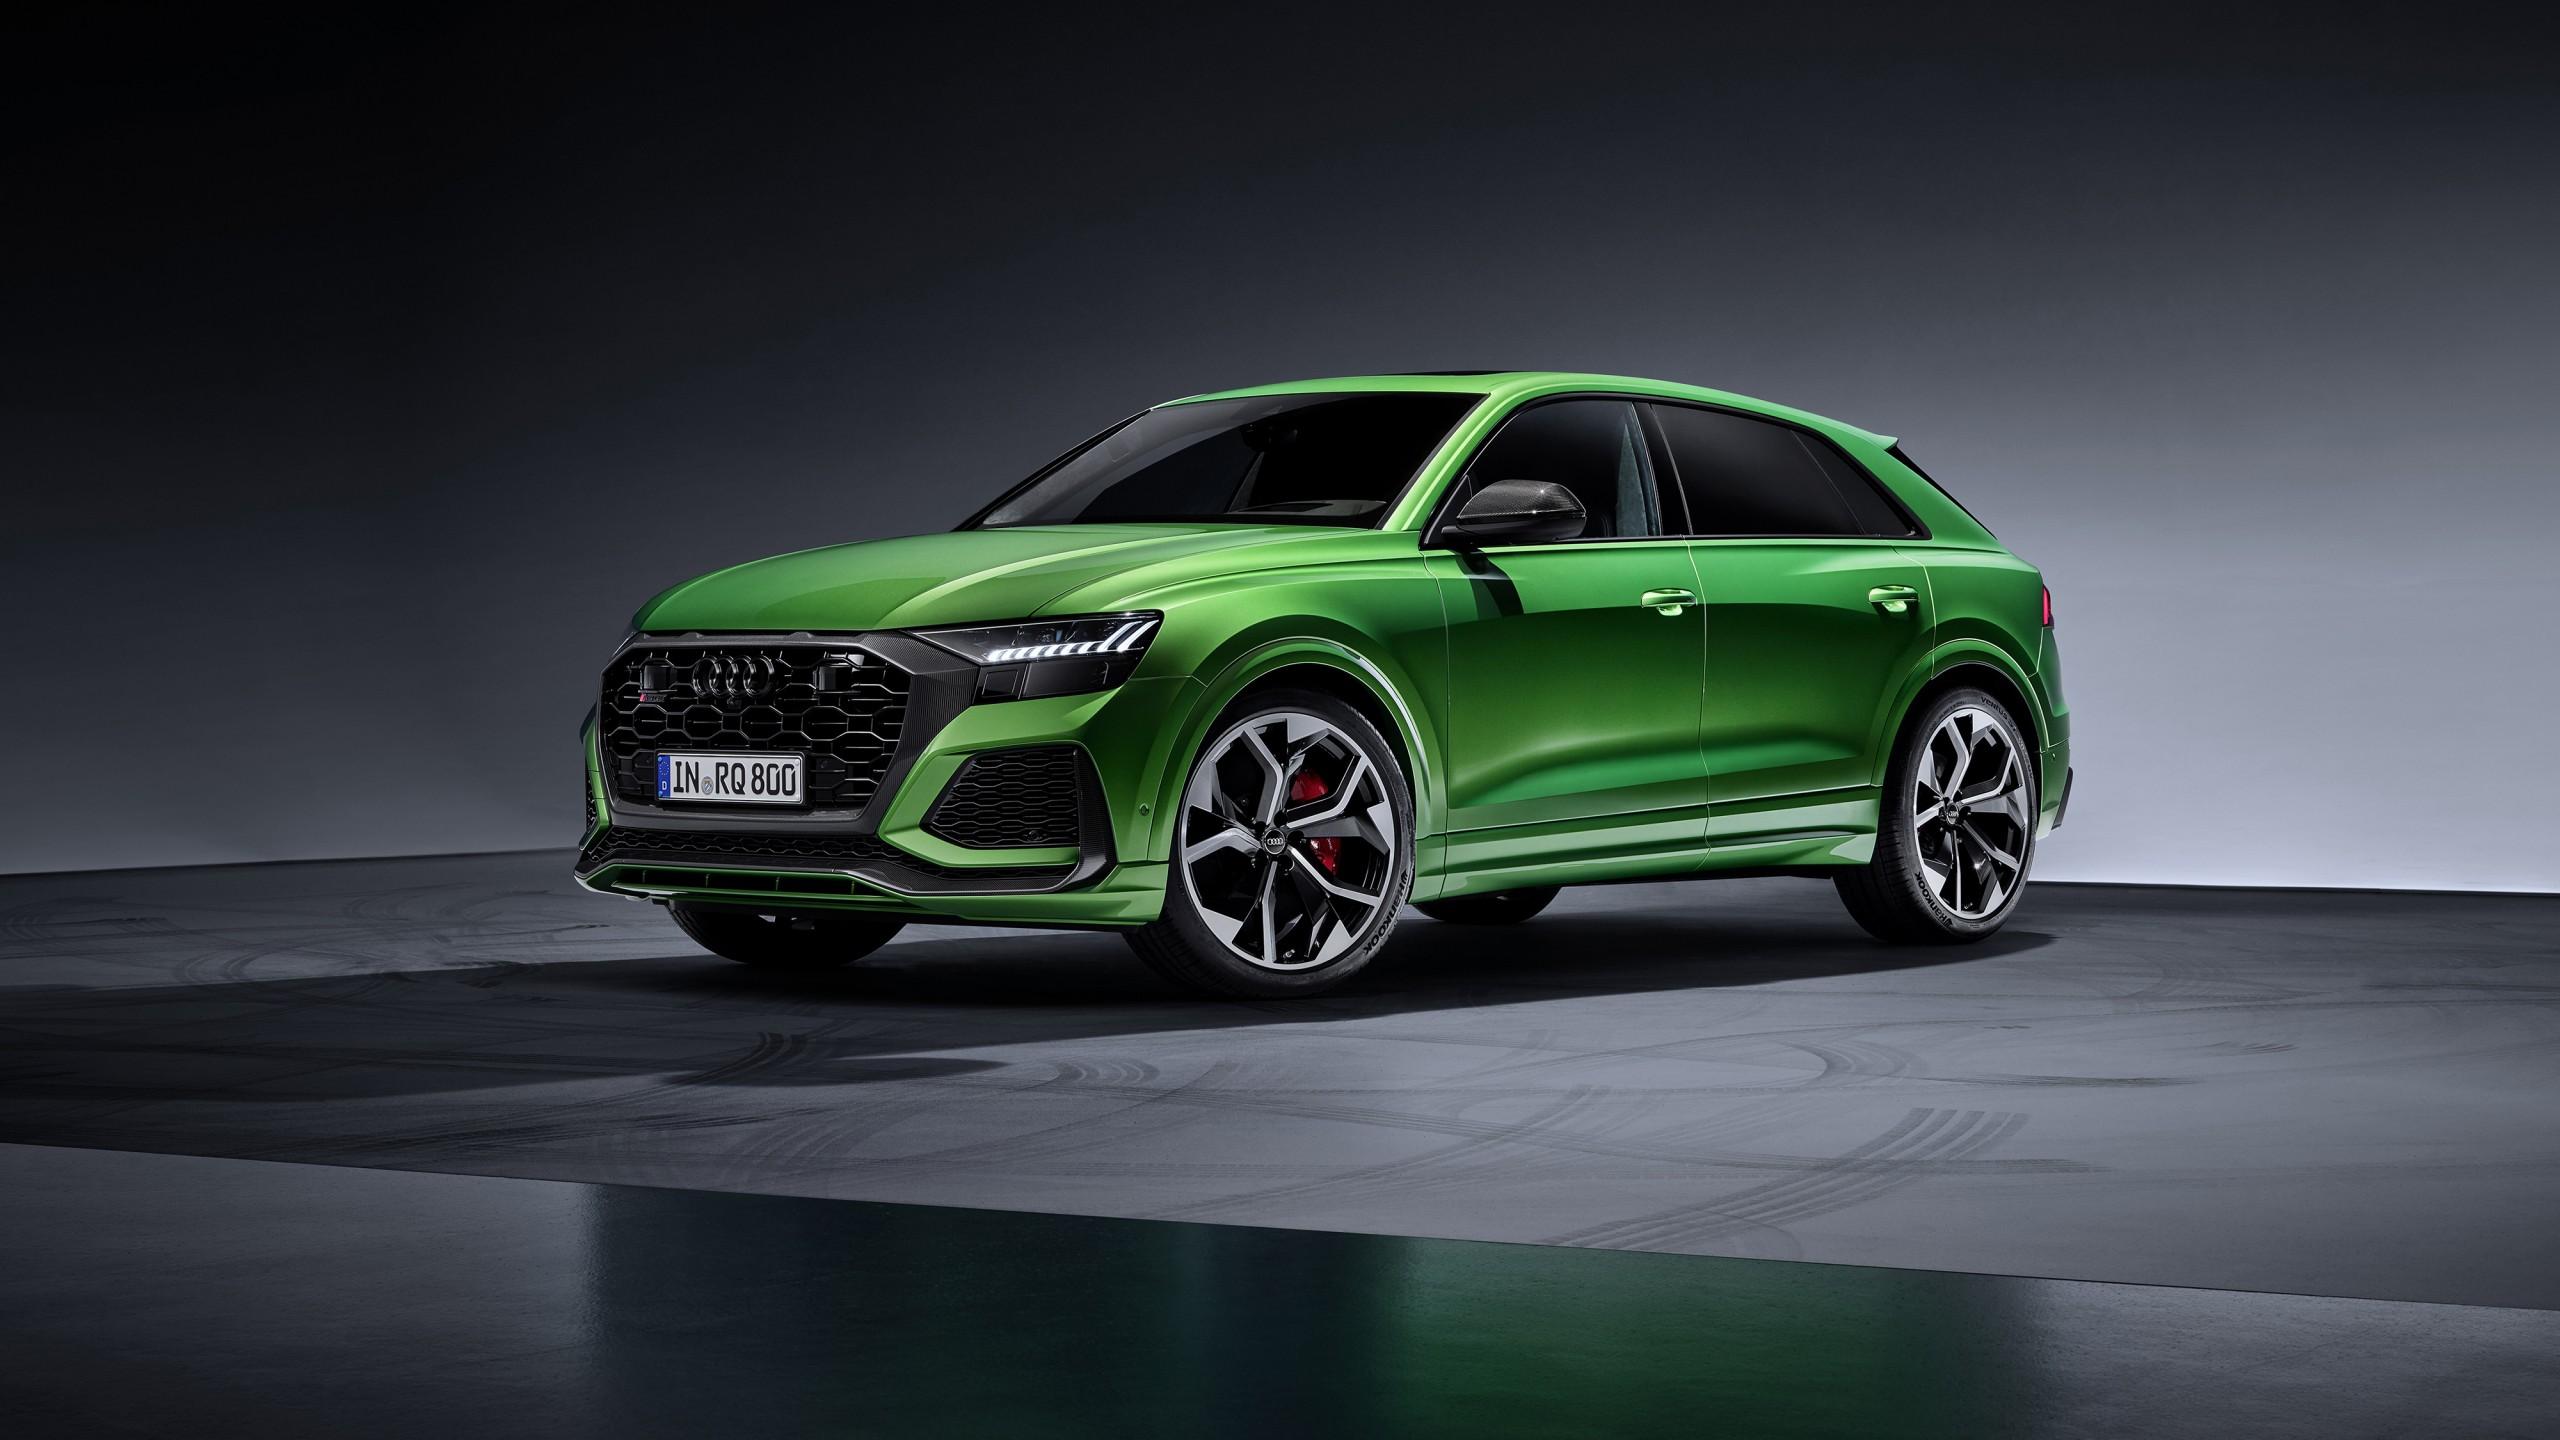 Audi Rs Q8 2020 4k 2 Wallpaper Hd Car Wallpapers Id 13710 Audi rs q8 2020 4k interior wallpaper